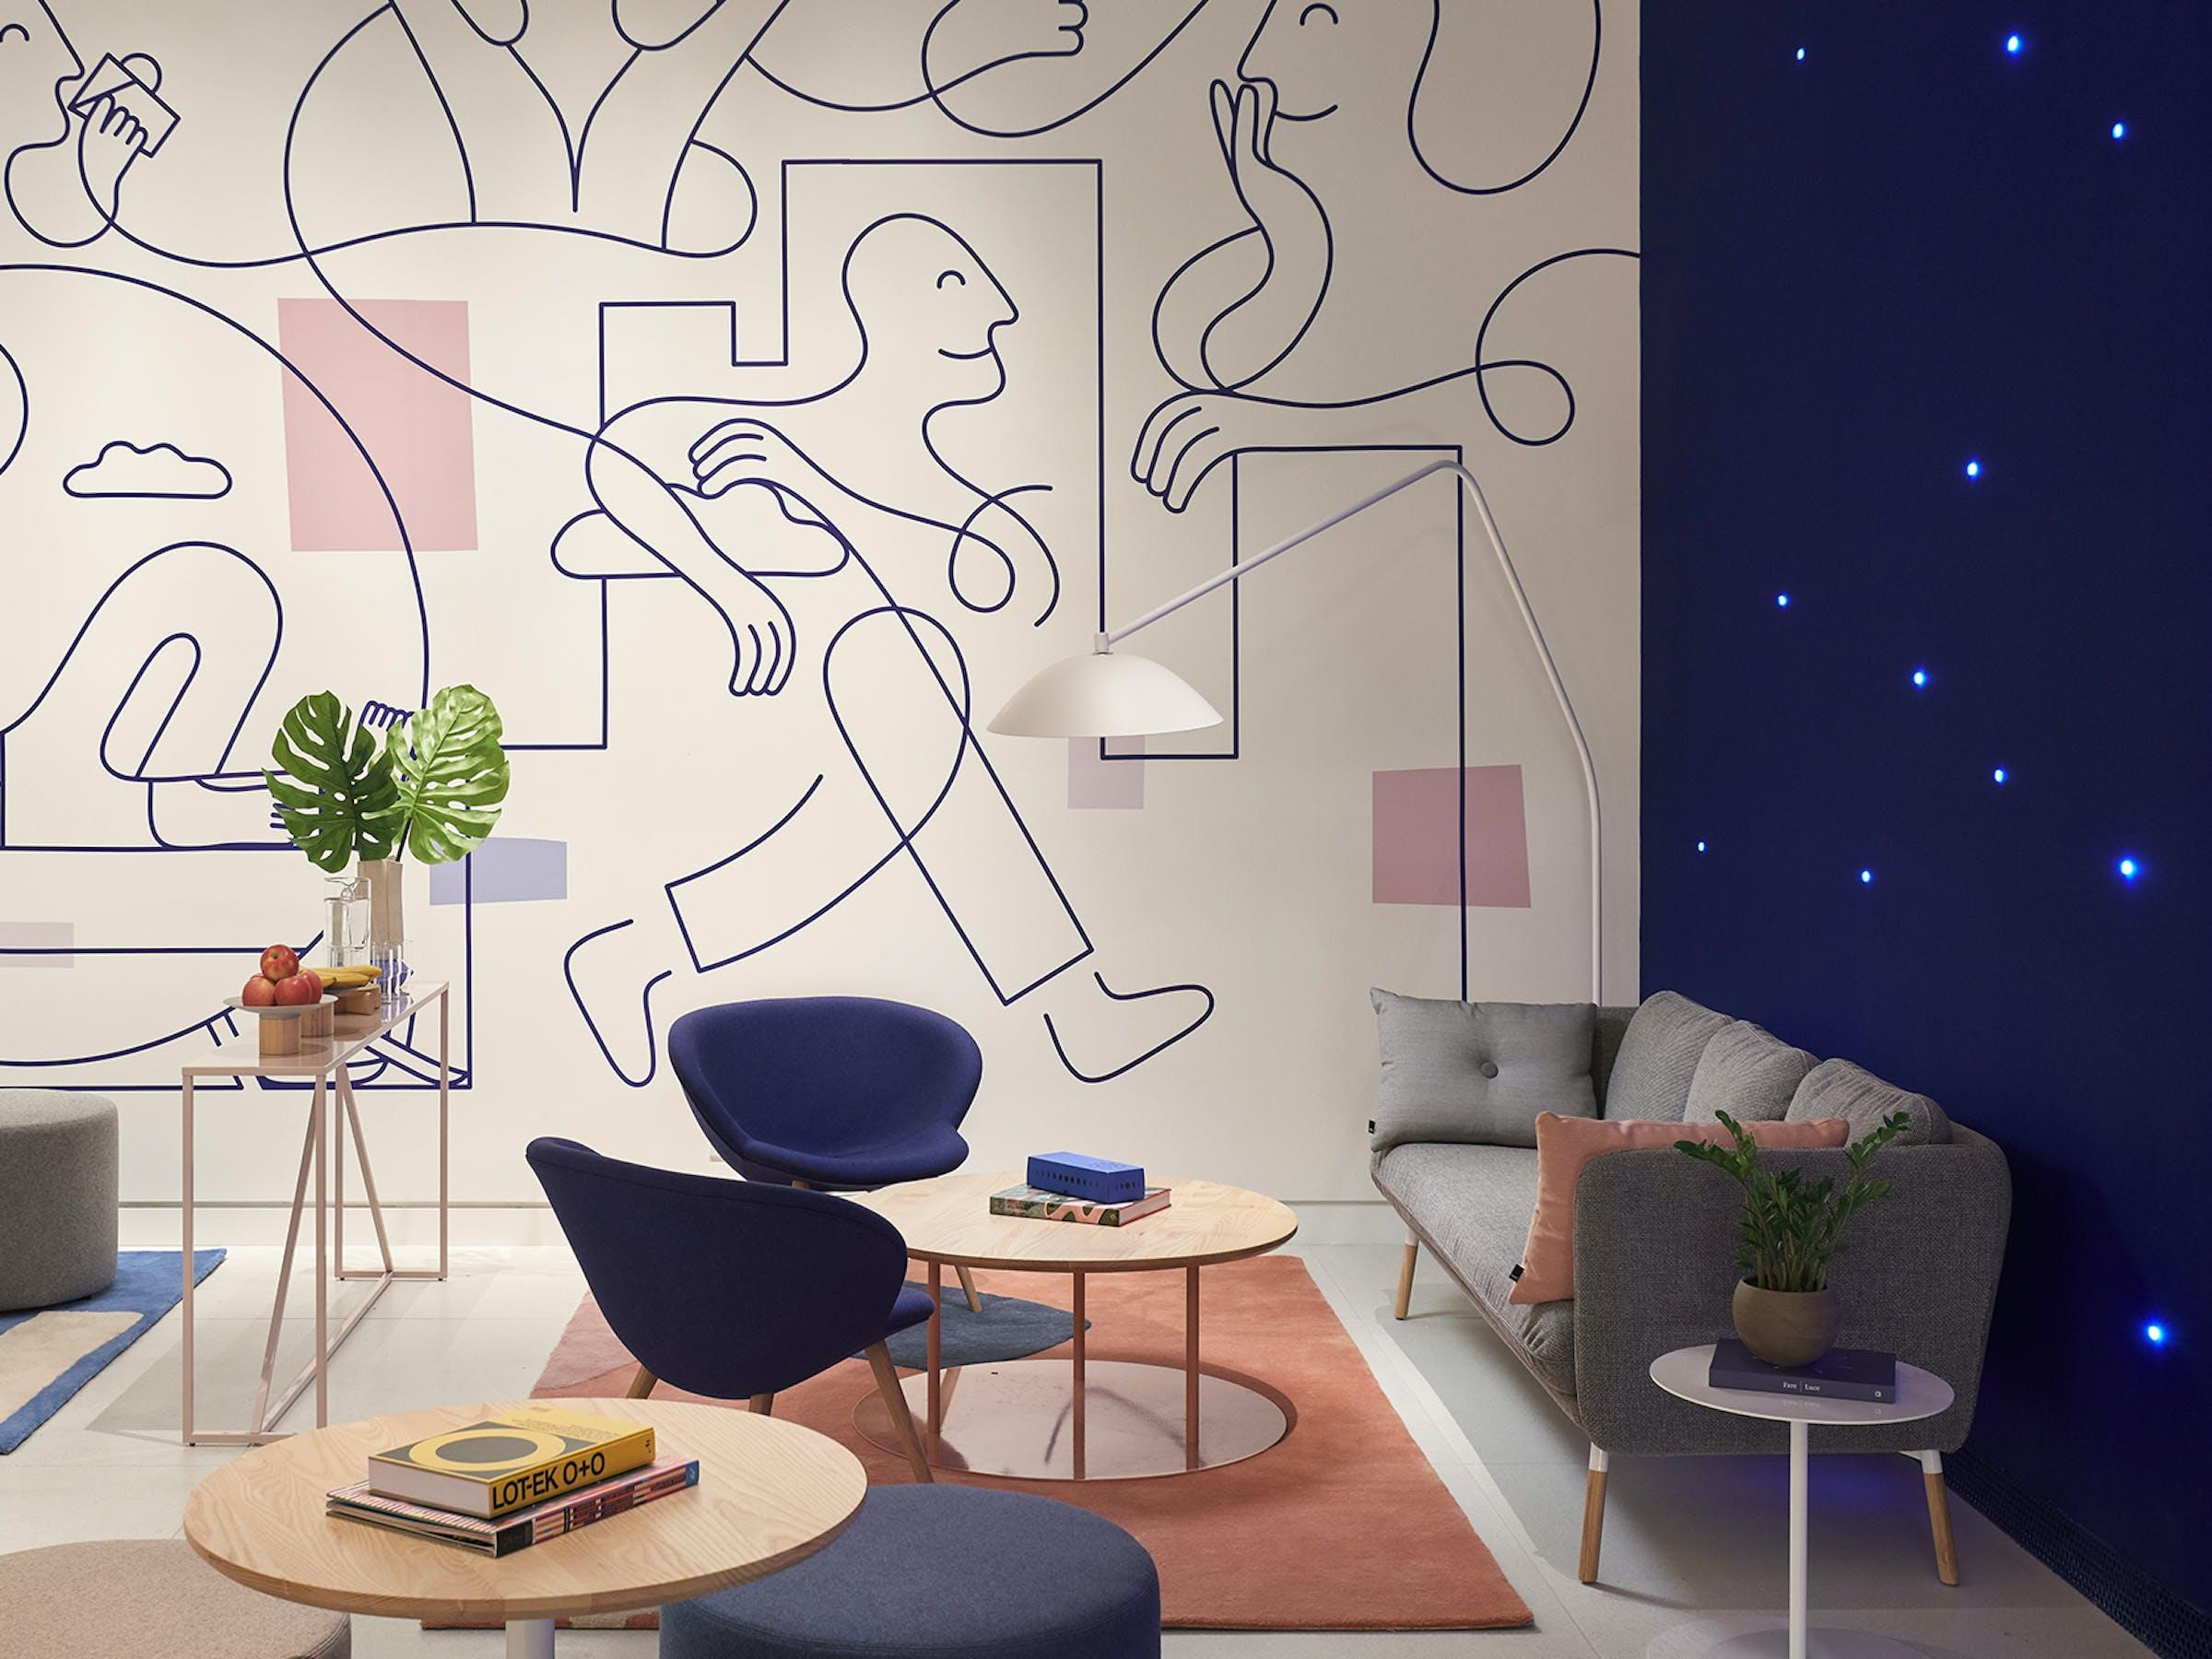 casper dreamery lounge